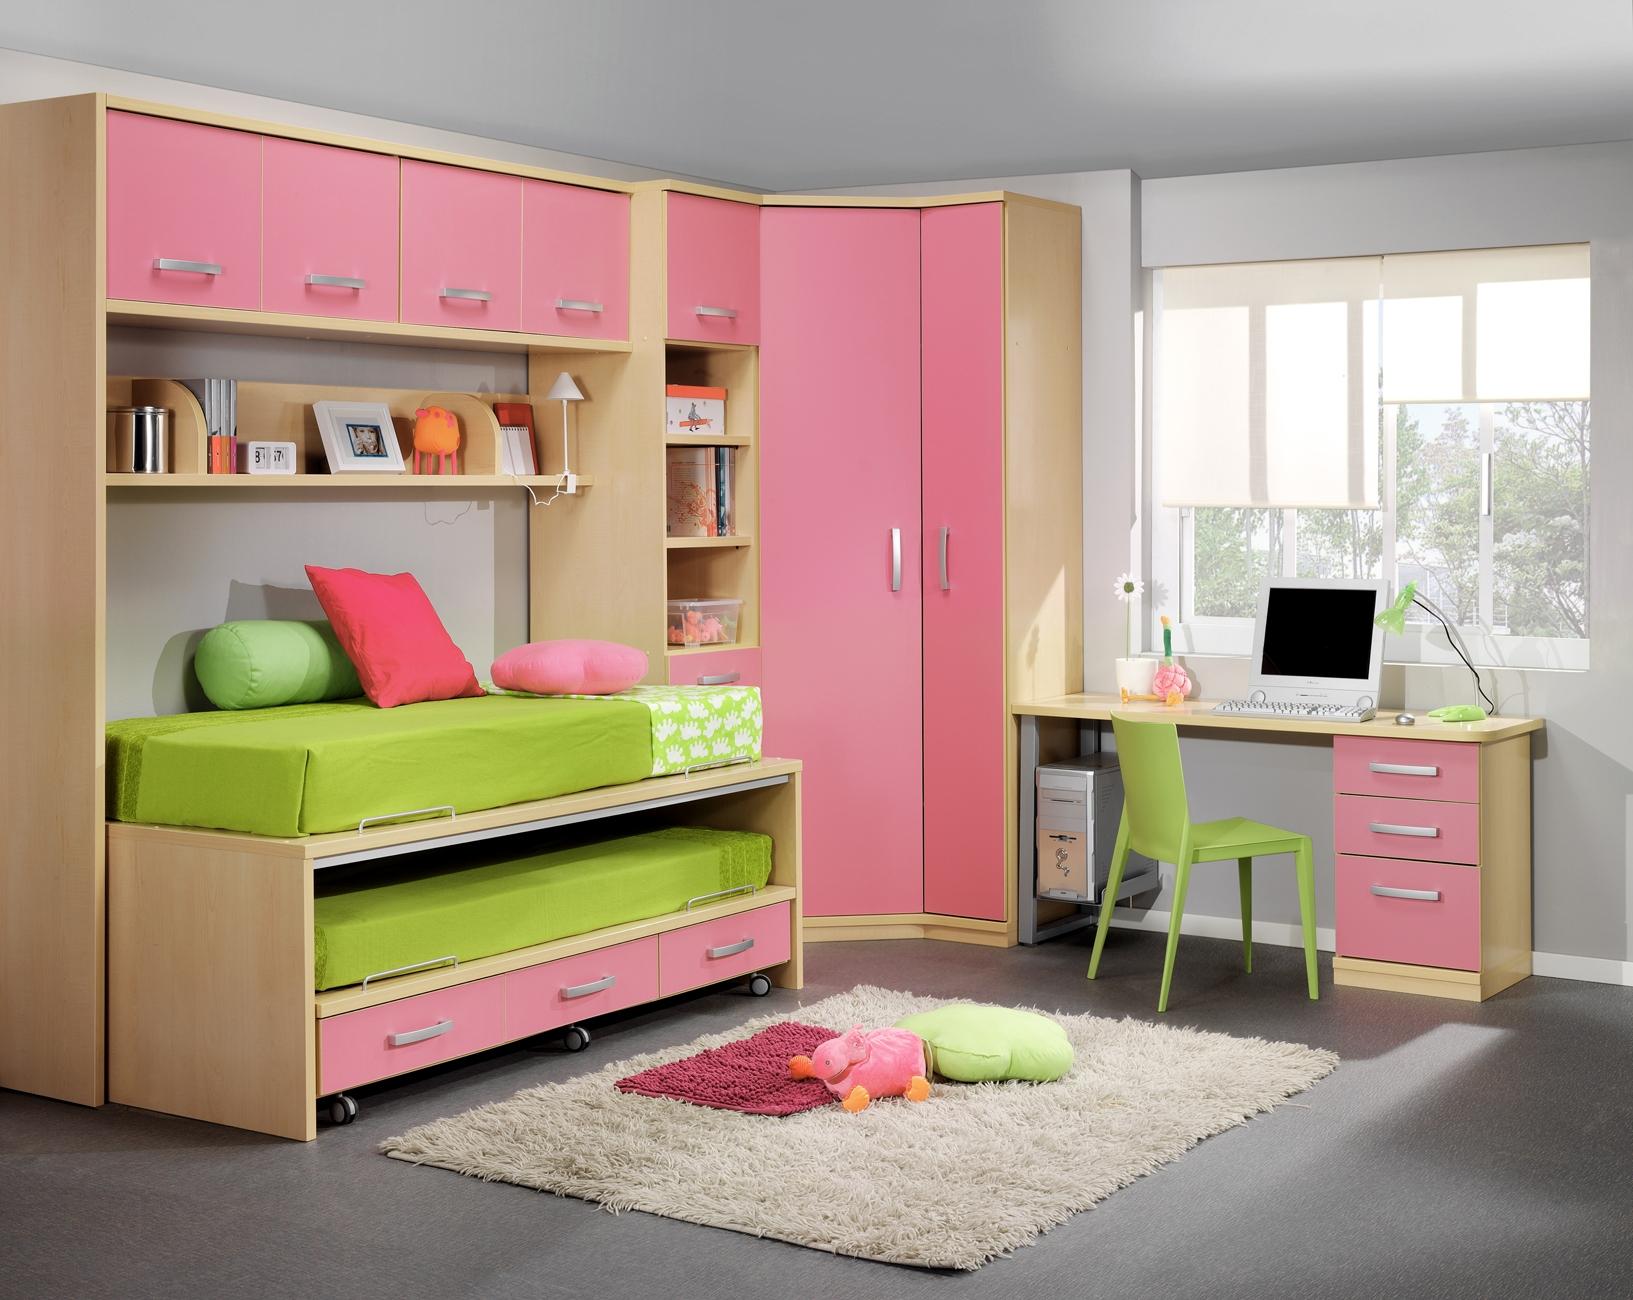 Muebles Juveniles En Collado Villalba # Muebles Pozuelo